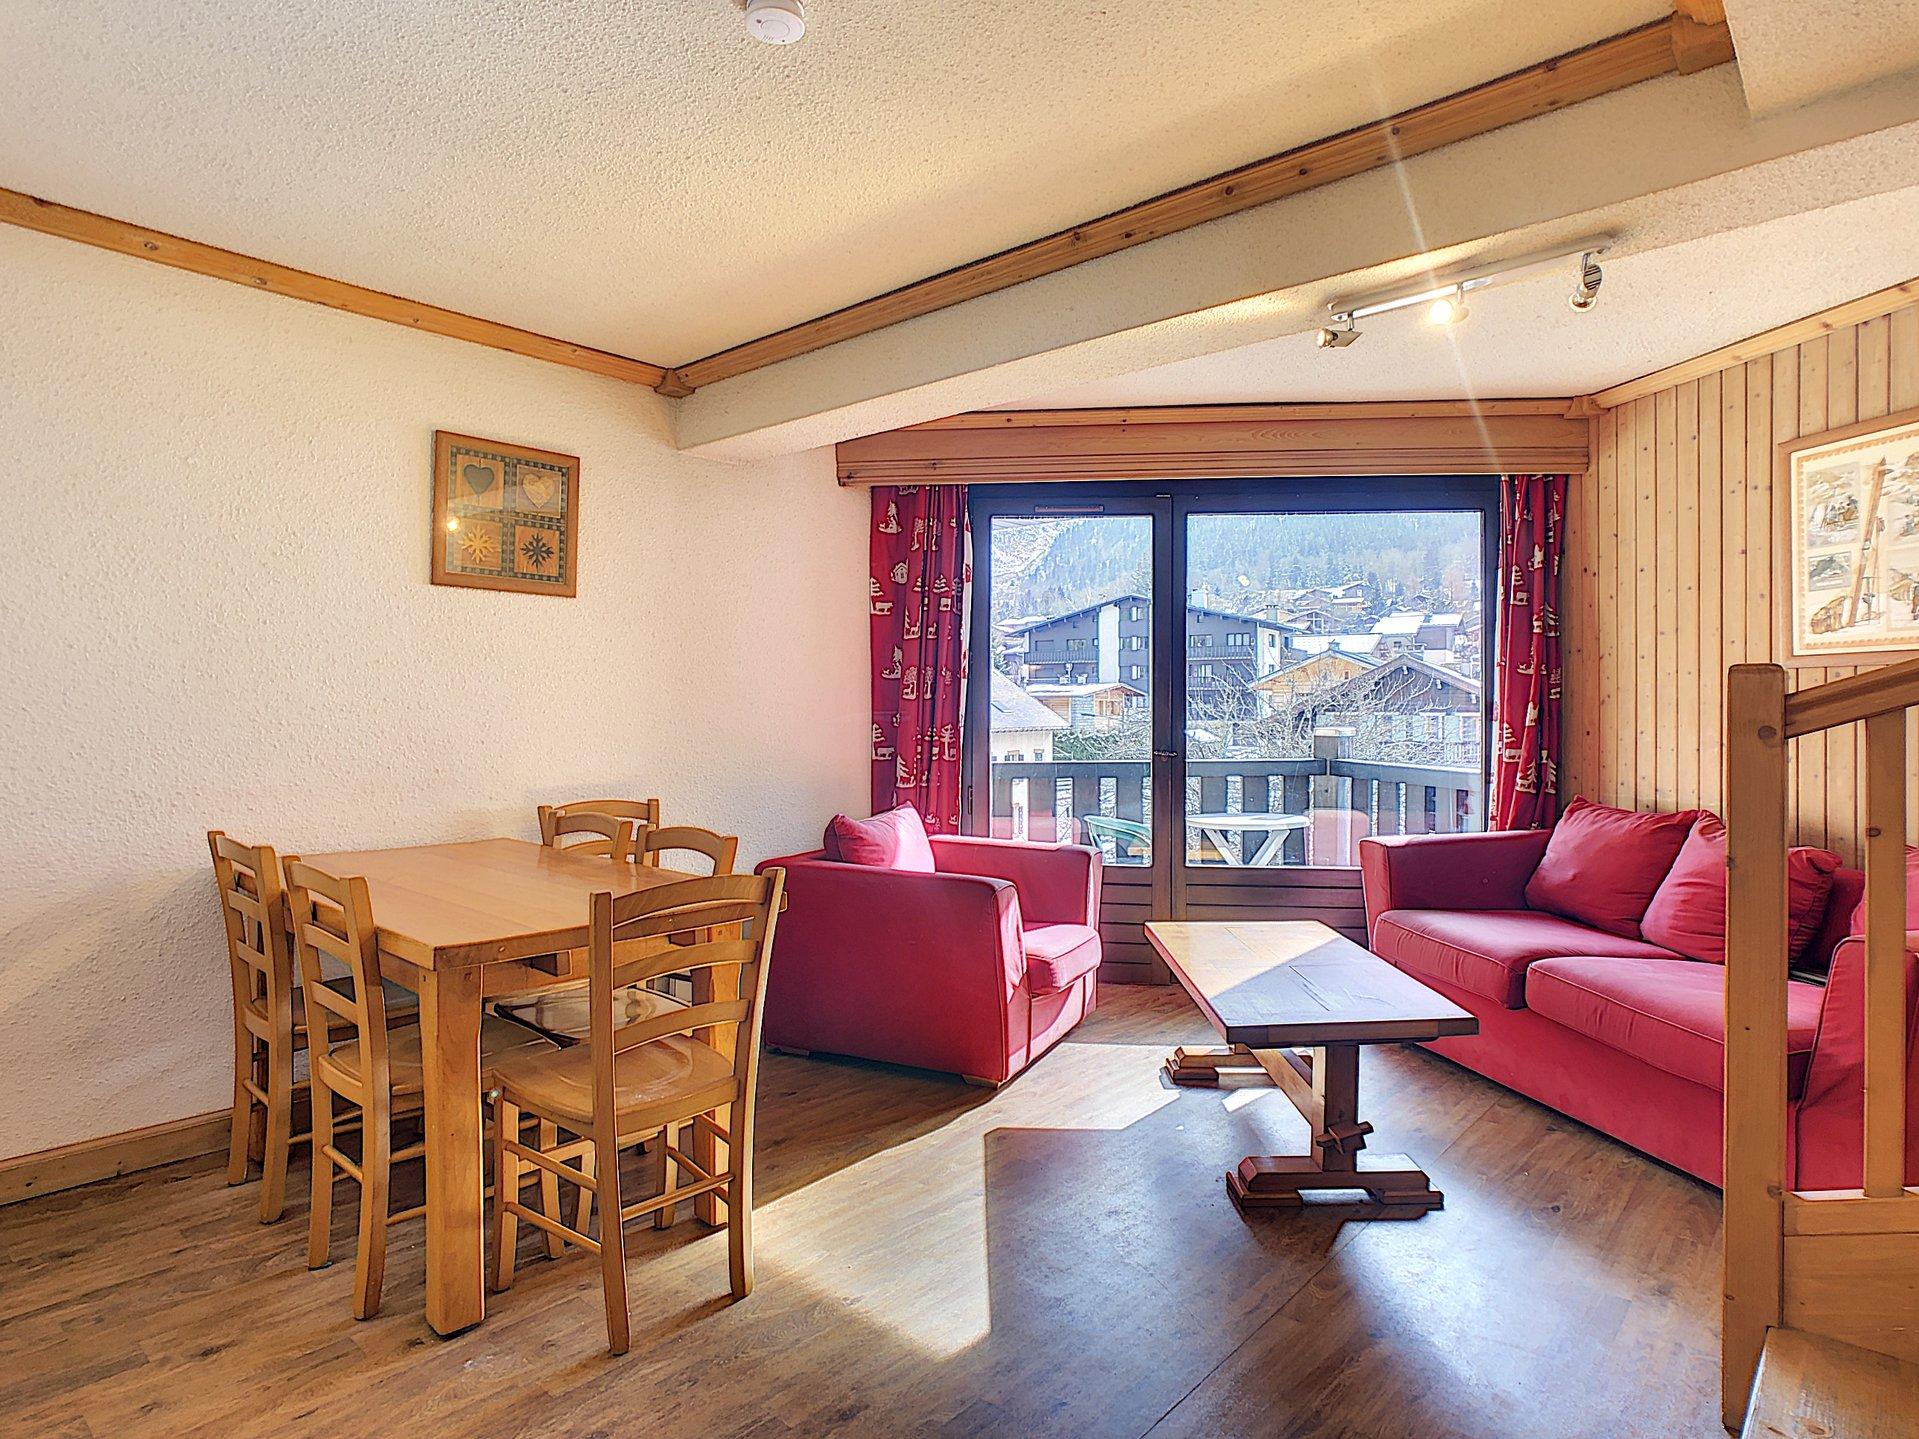 2 bedrooms apartment, Les Houches Saint-Antoine